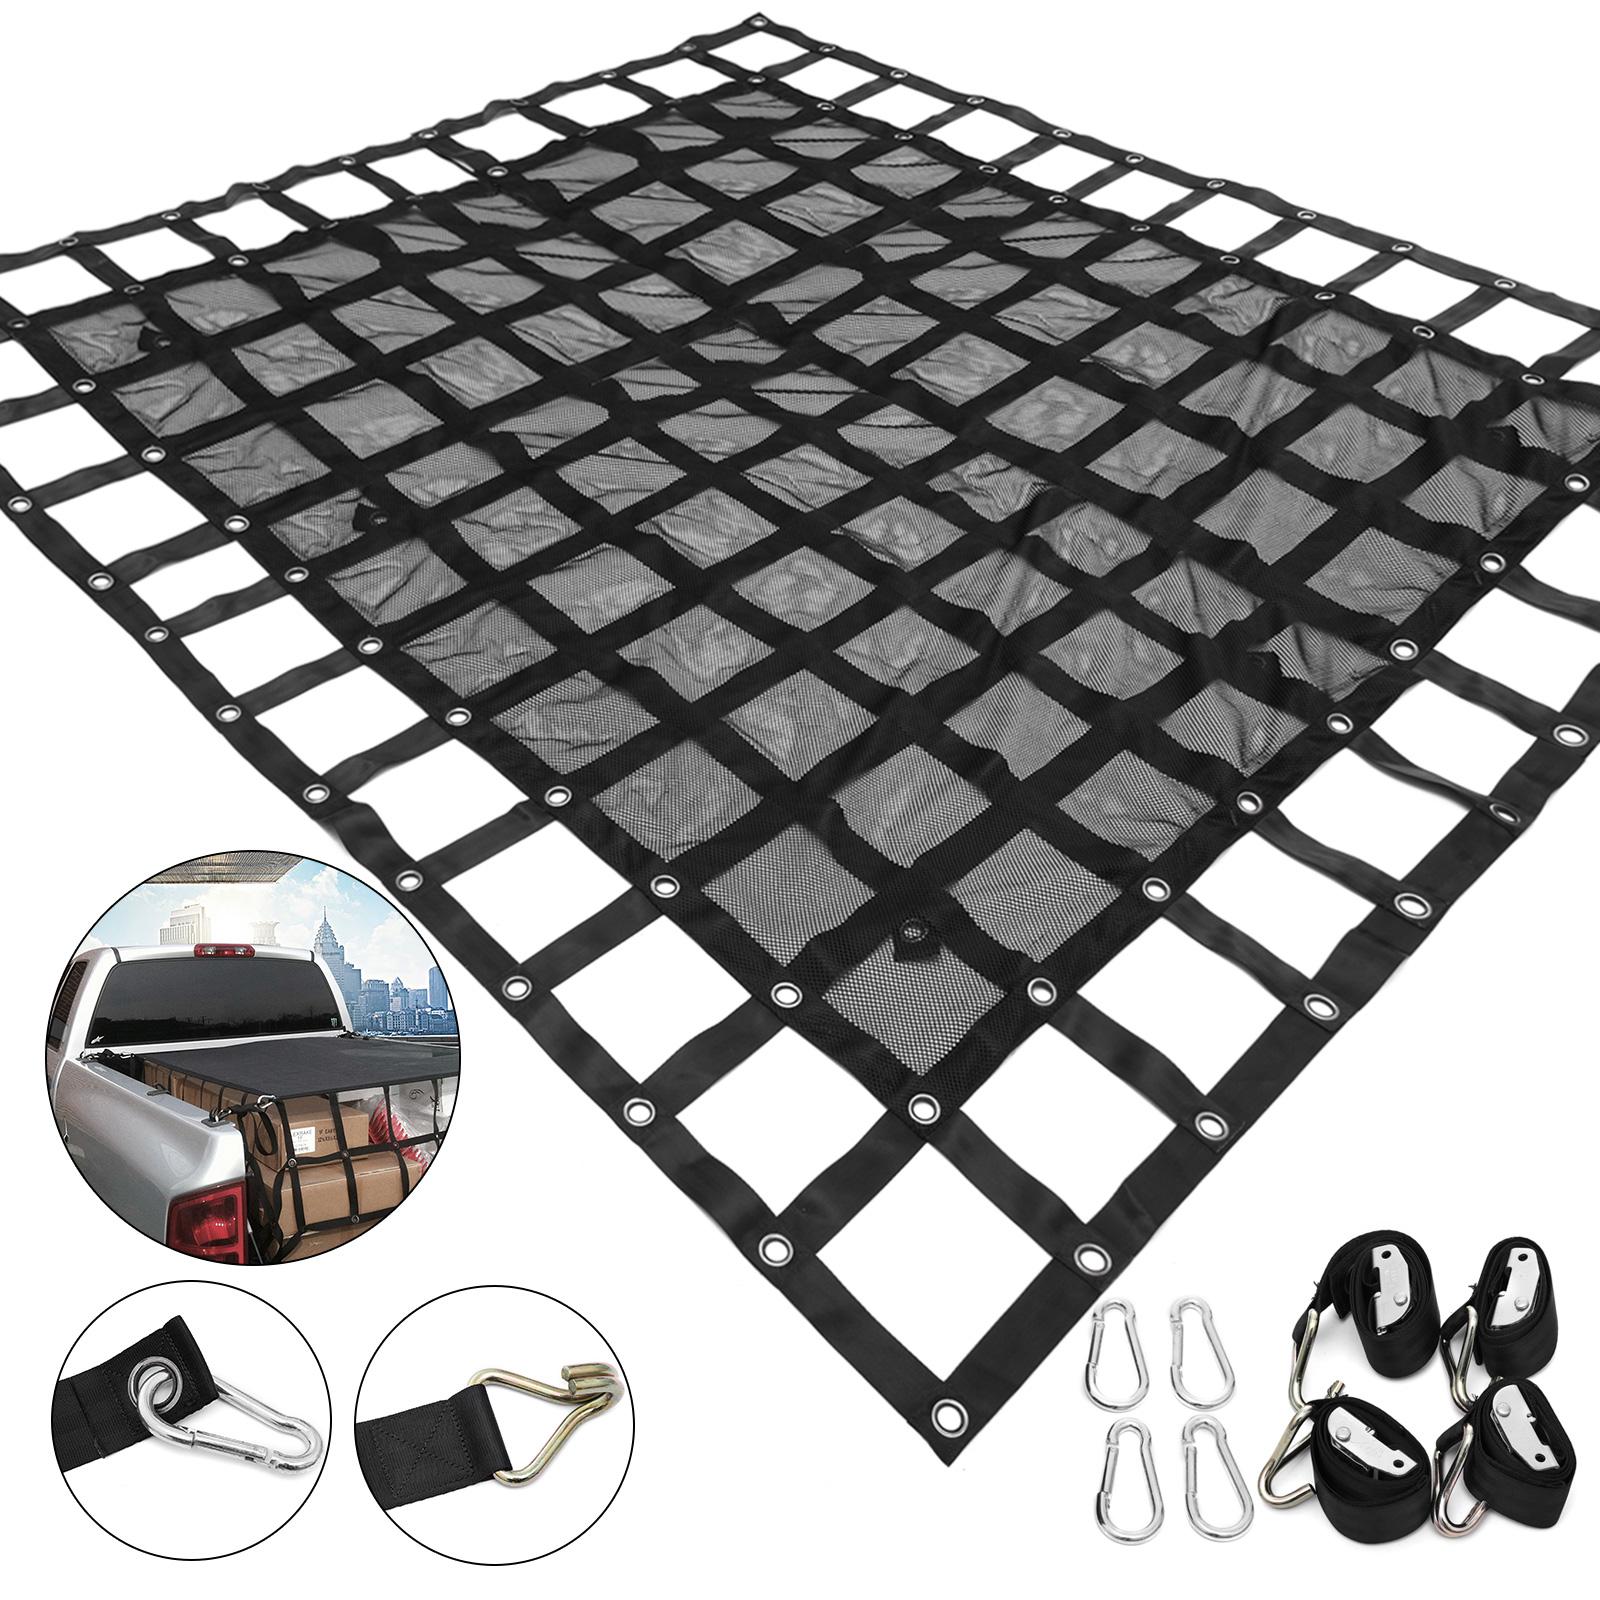 Truck Bed Cargo Net >> Truck Bed Cargo Net 6 7x5 4ft Truck Cargo Net Trailers Pickup Trucks